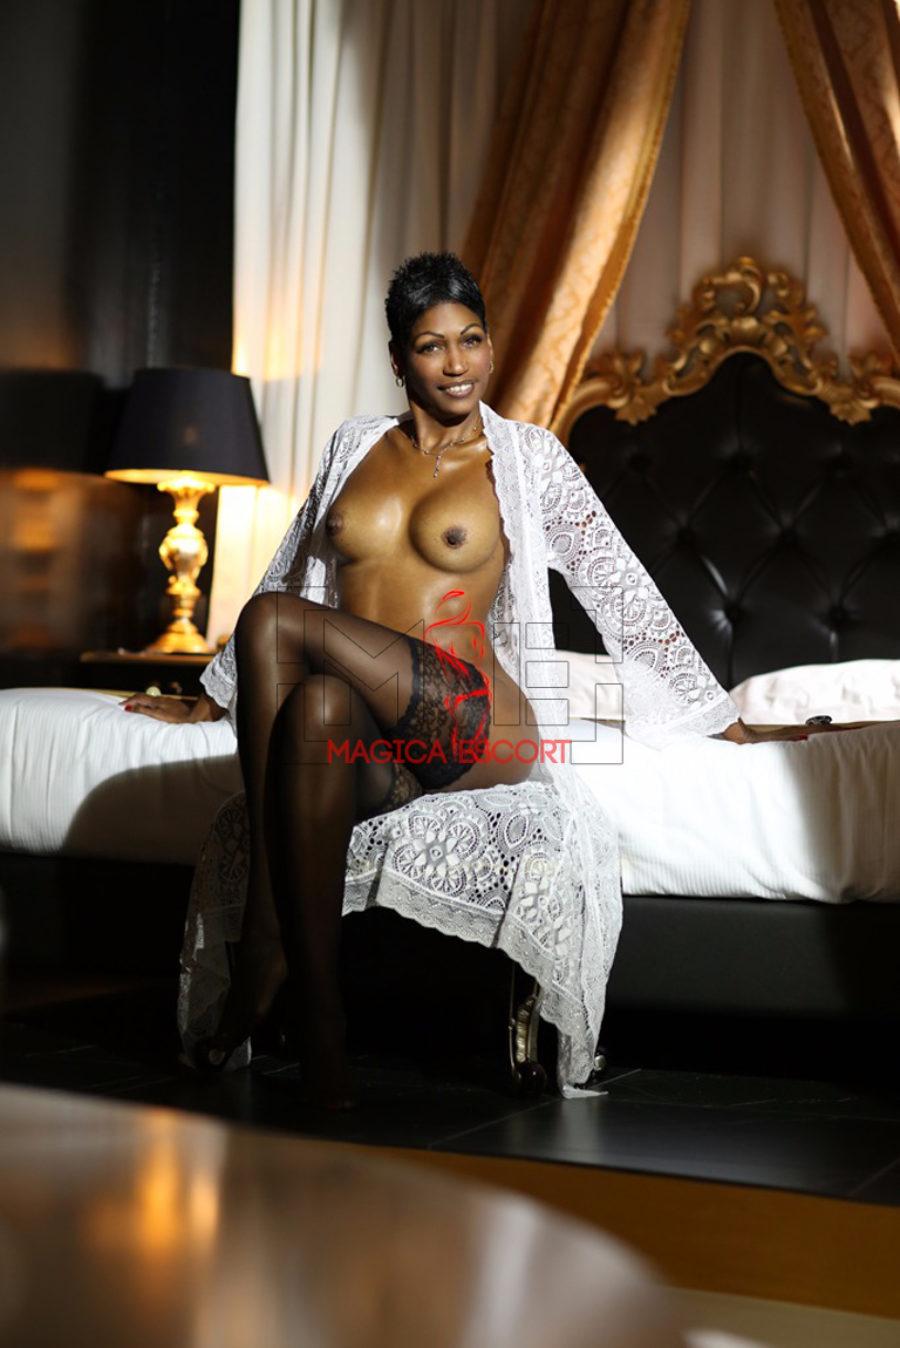 Escort cubana Sharon a seno nudo e con le autoreggenti seduta nel suo letto. Magica Escort.